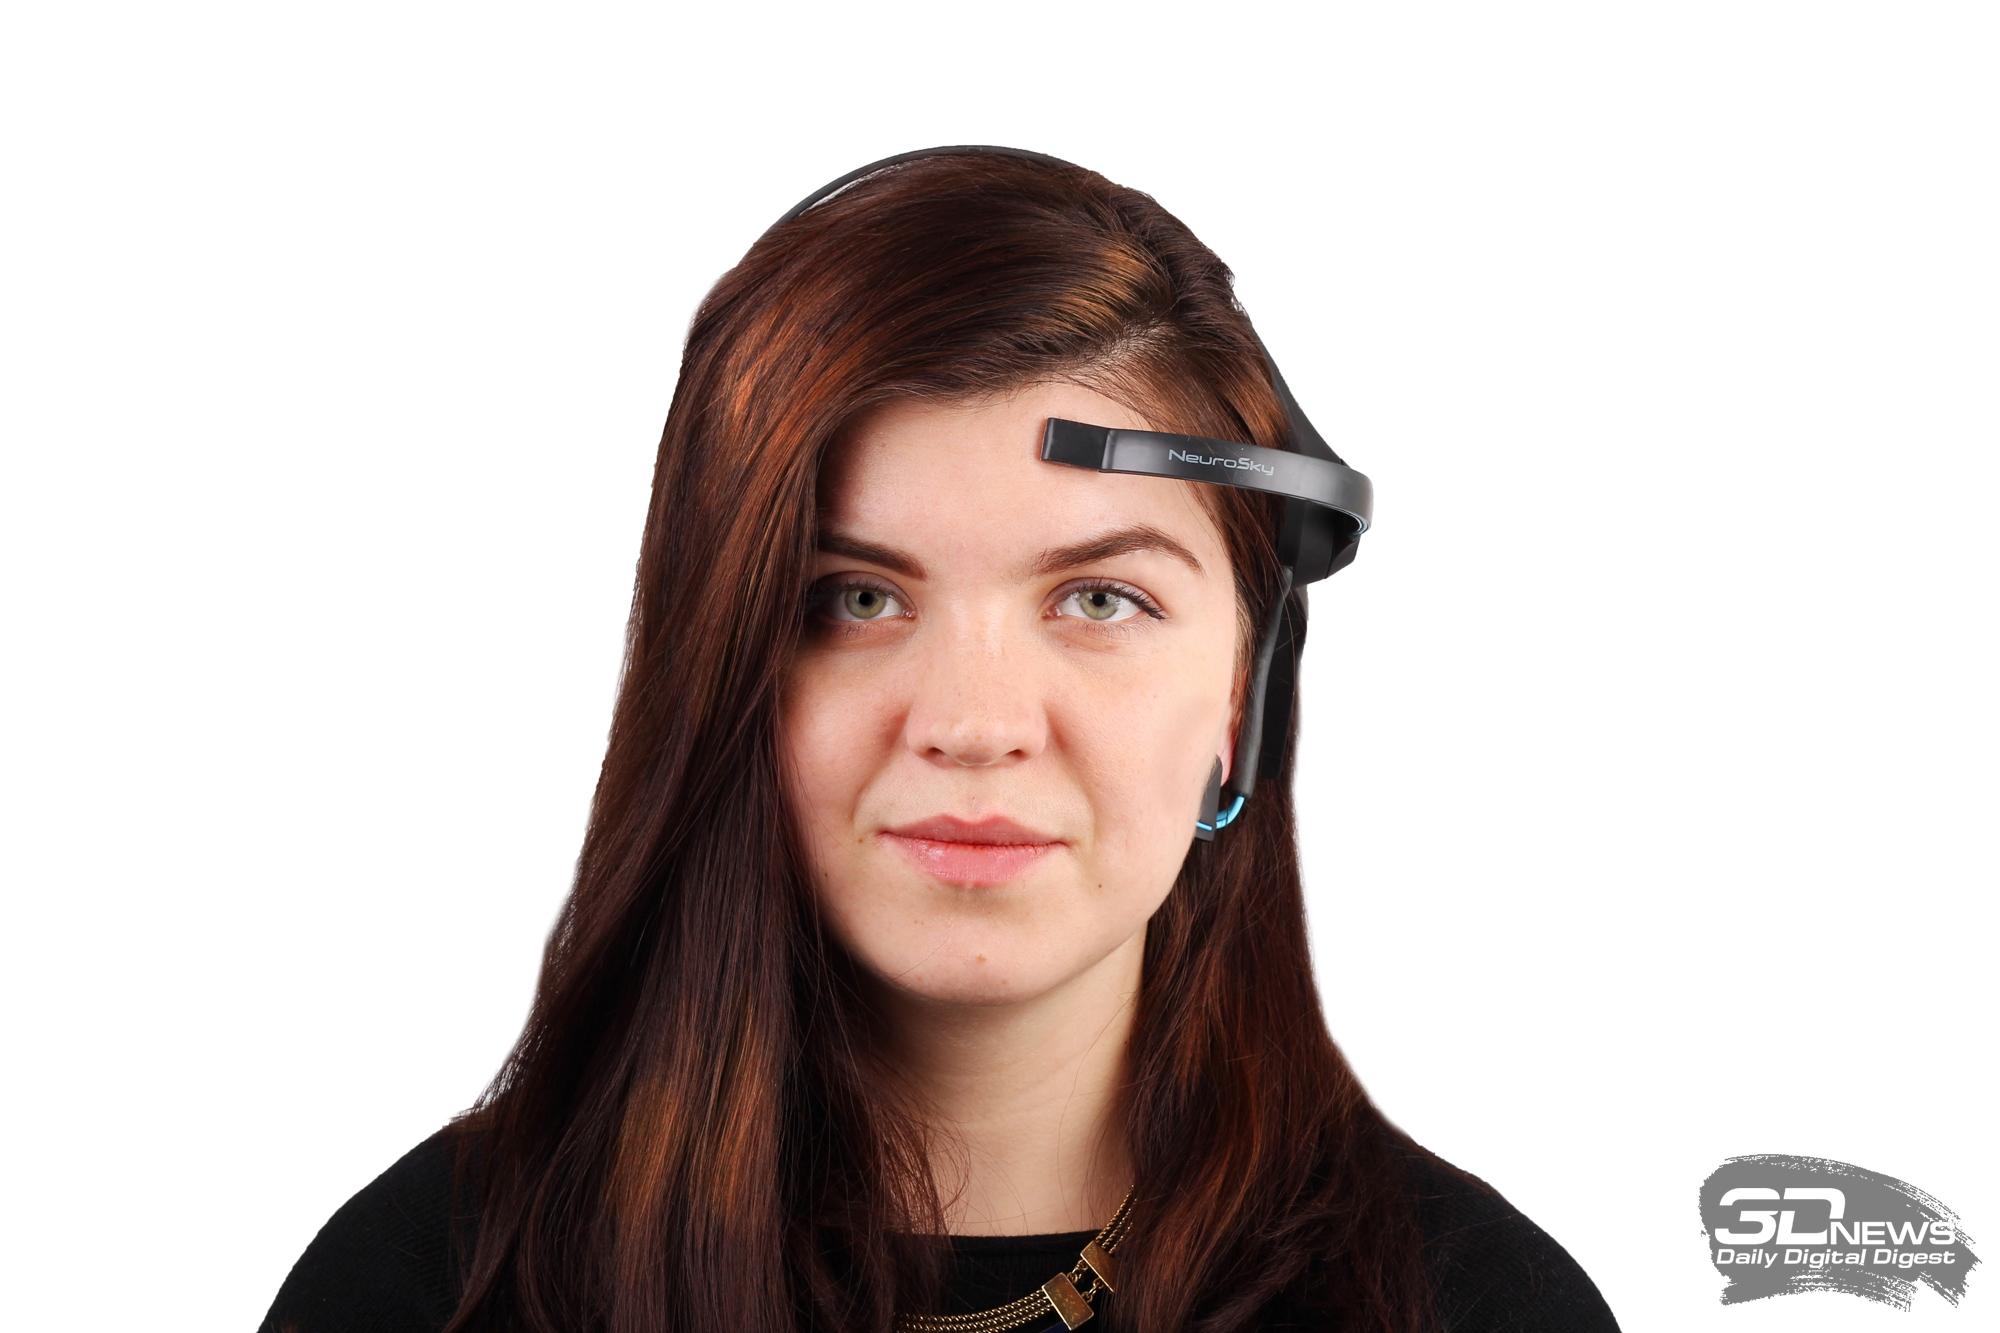 Обзор нейрогарнитуры NeuroSky MindWave Mobile: тренируем мозги